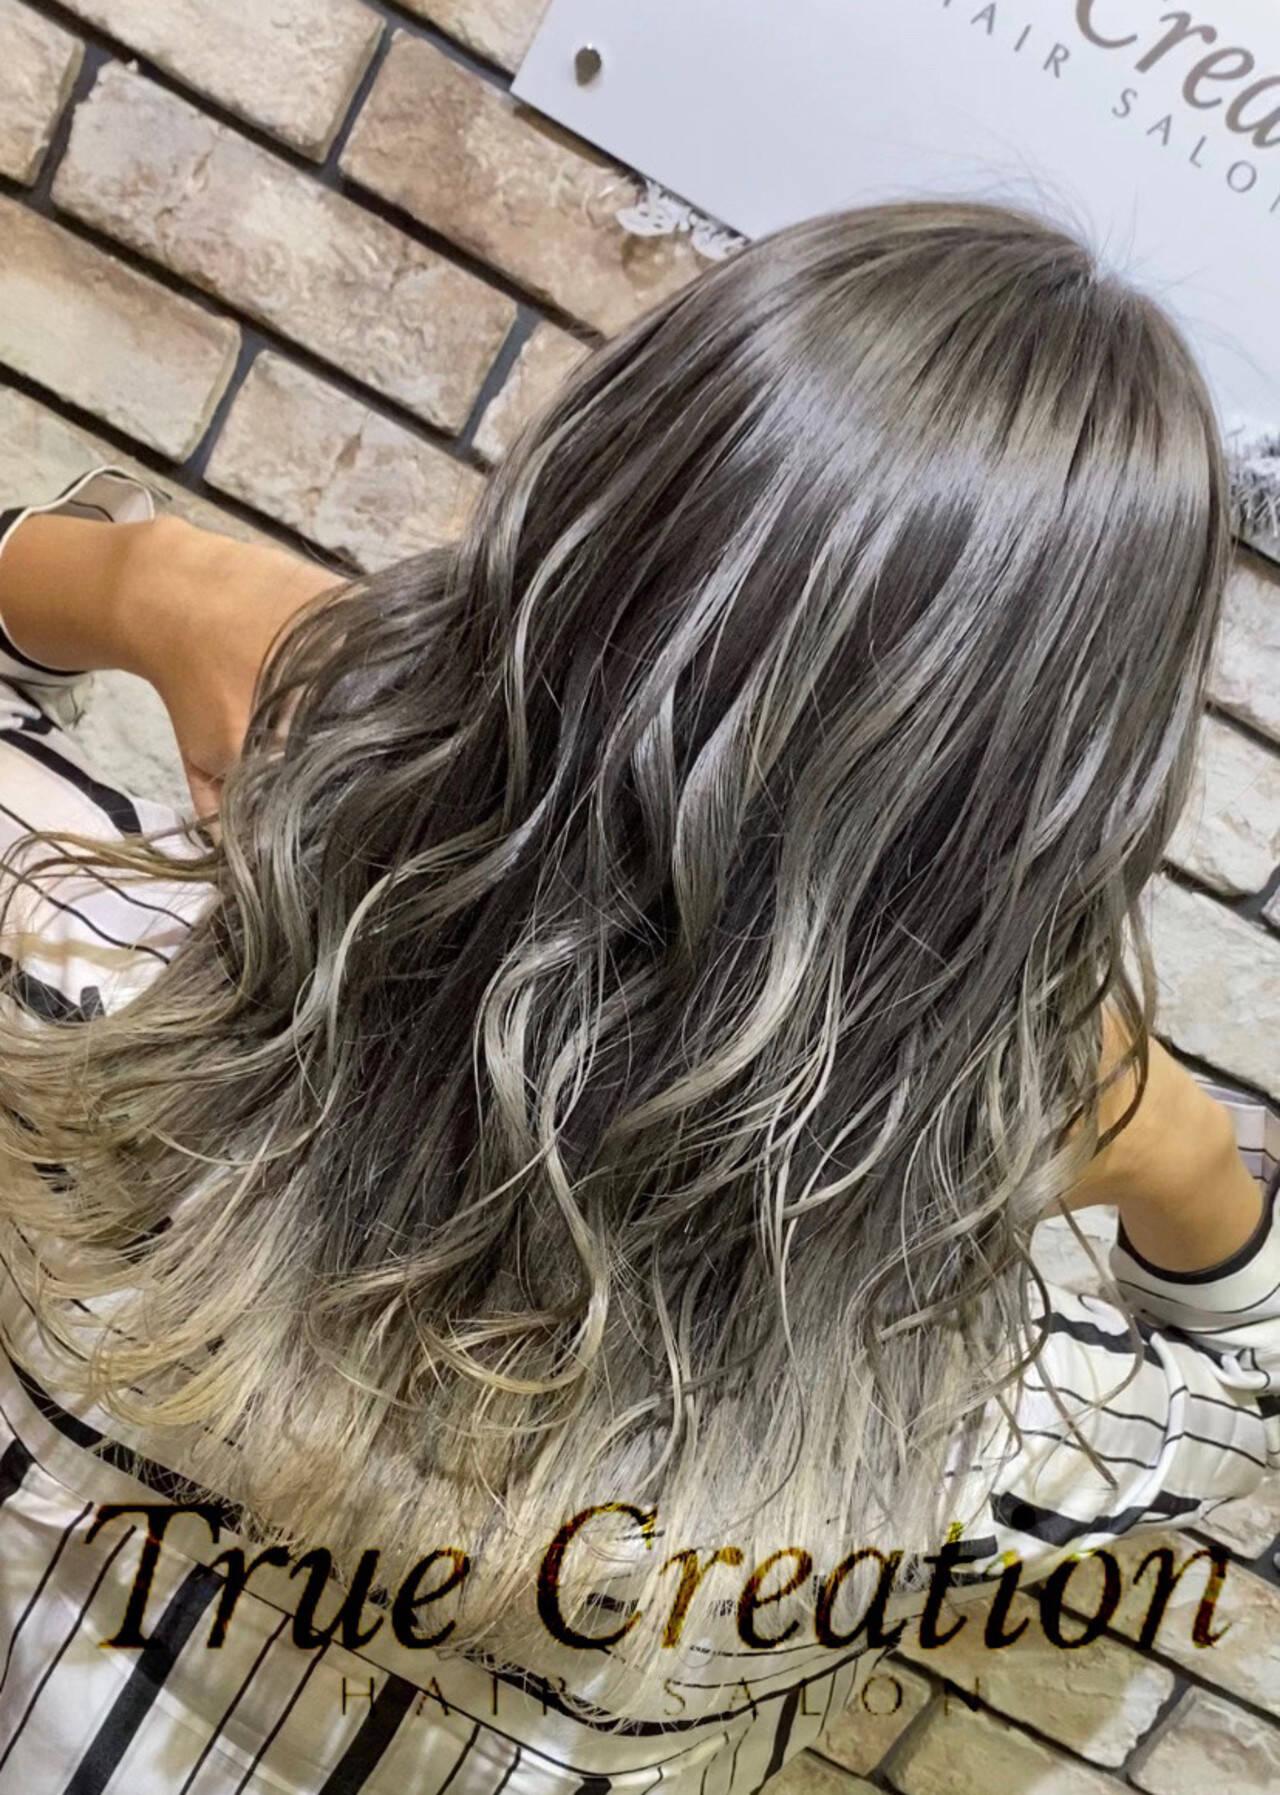 グラデーション ホワイトグラデーション 極細ハイライト セミロングヘアスタイルや髪型の写真・画像